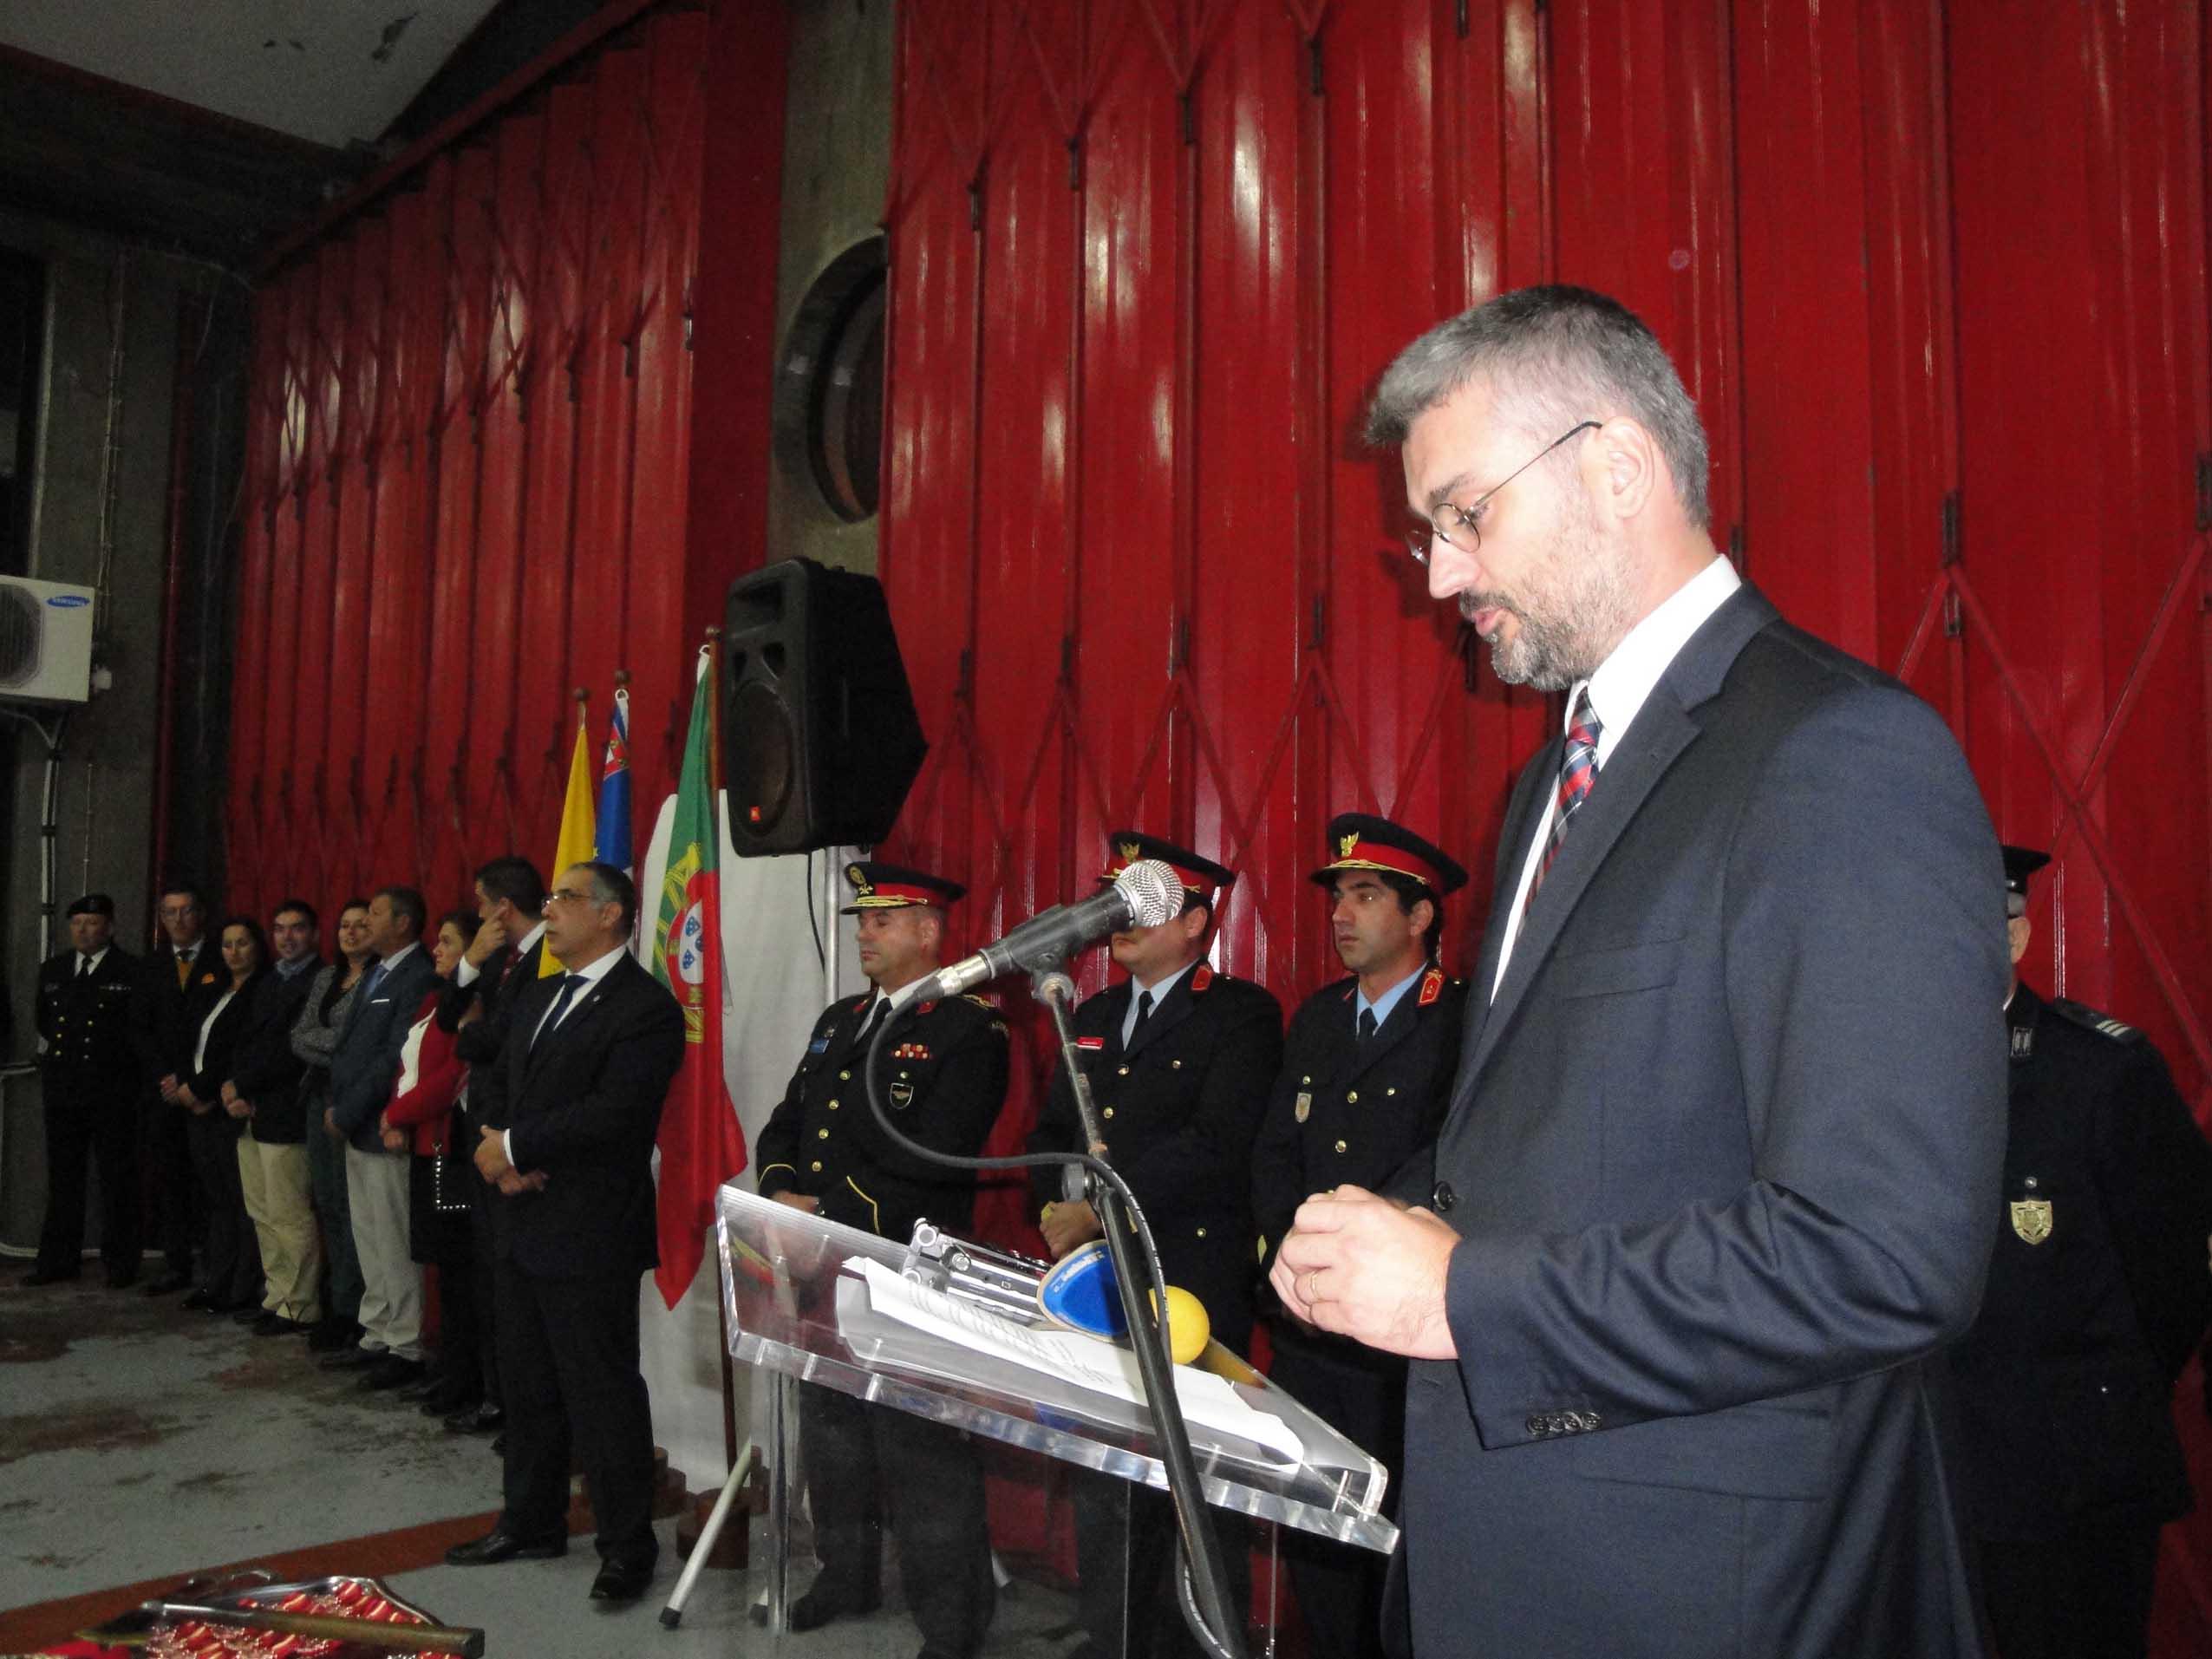 Associação Humanitária dos Bombeiros Voluntários das Velas celebra 37 anos com cerimónia repleta de simbolismo (c/áudio)